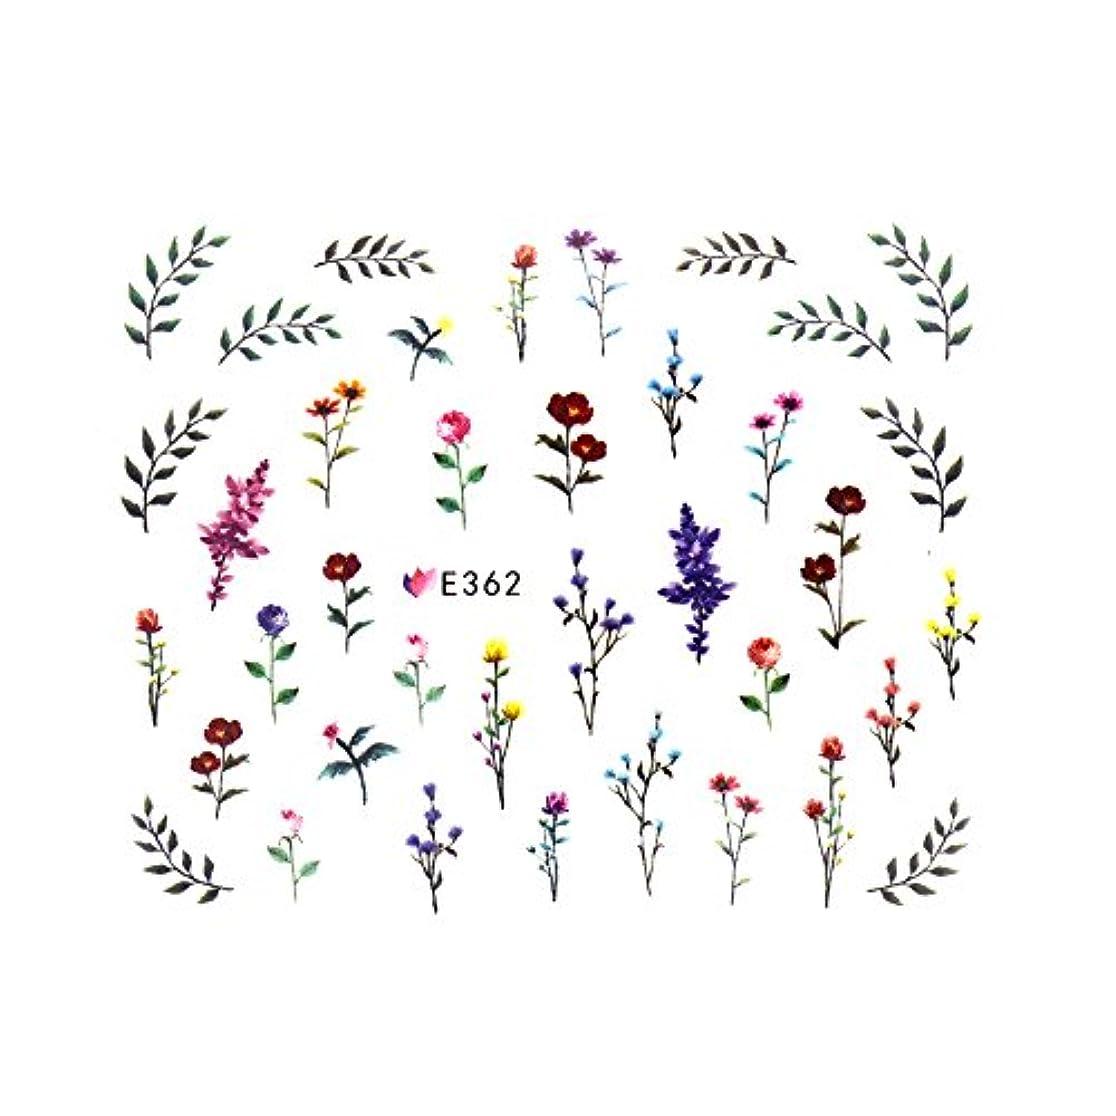 ペニーリズム窒素フラワーガーデンシール 【E362】フラワー ボタニカル ドライフラワー 小花柄